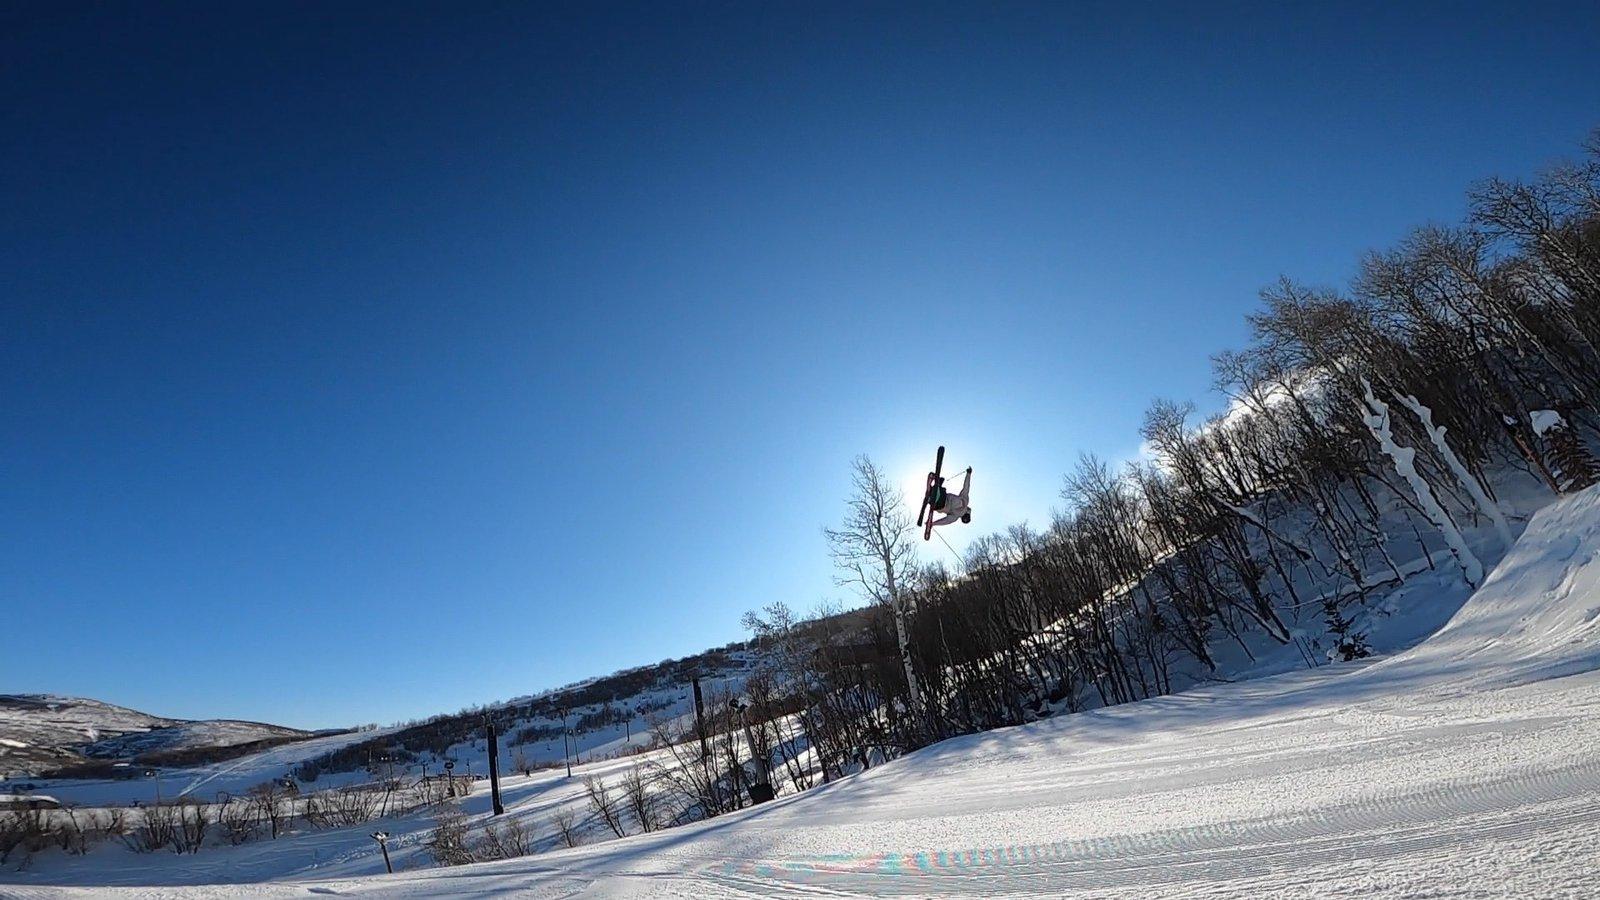 Skier Eclipse